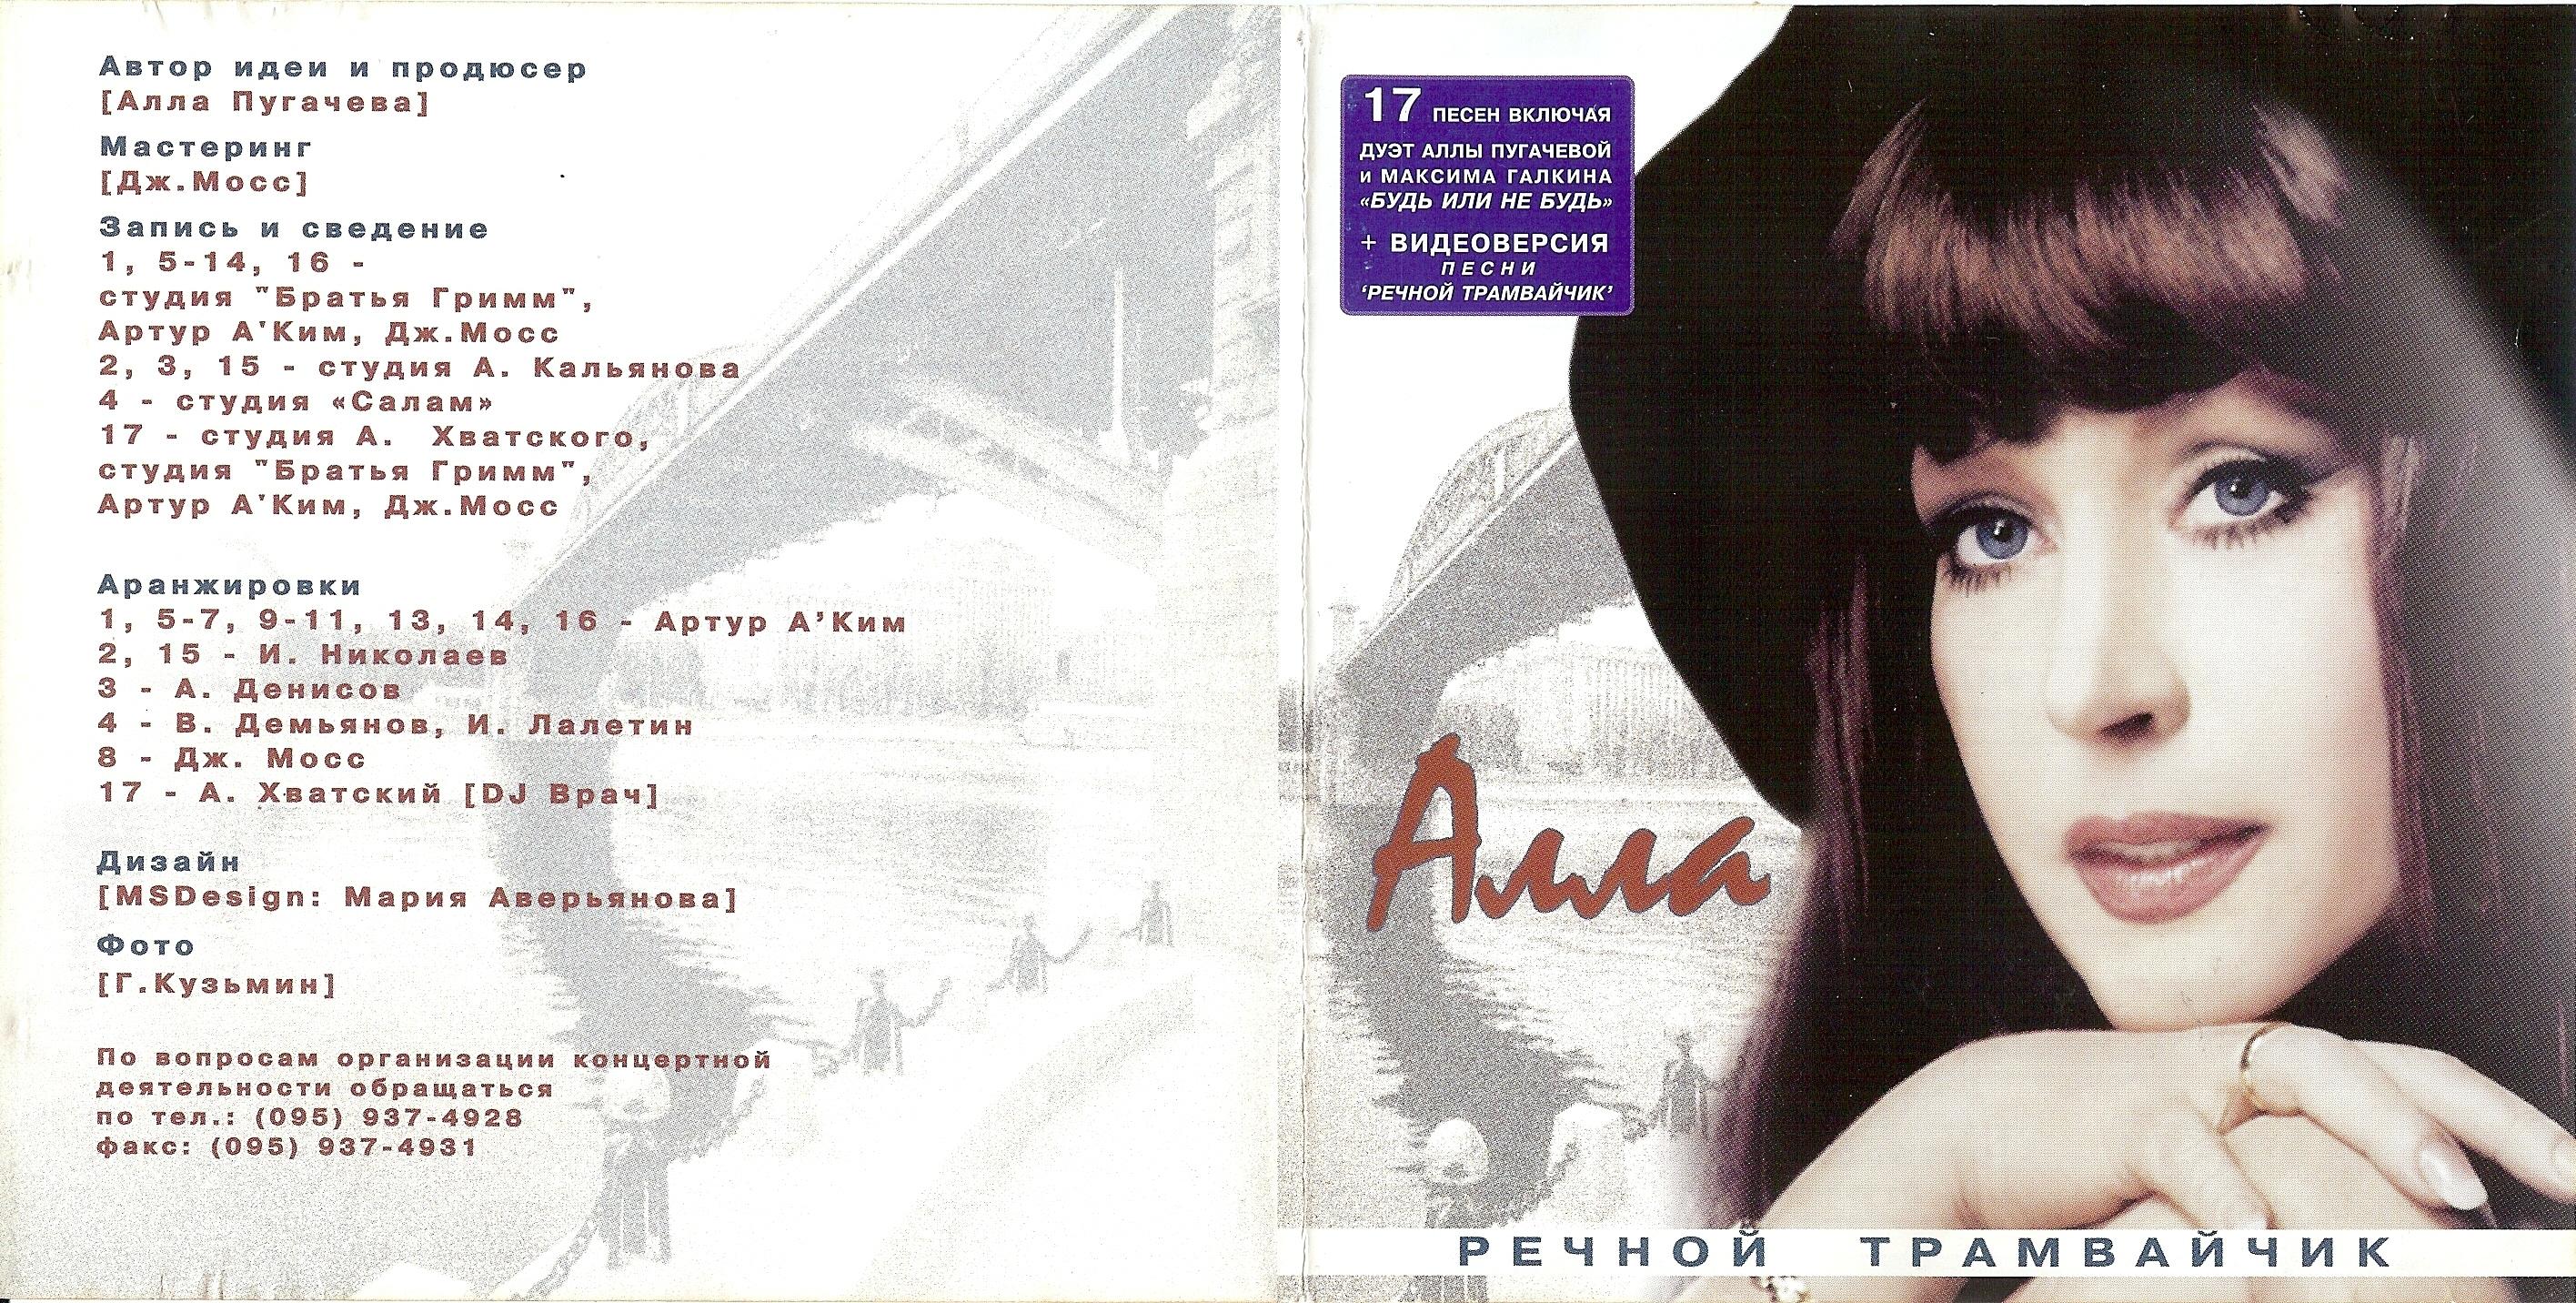 Пугачева 2000 альбом речной трамвайчик